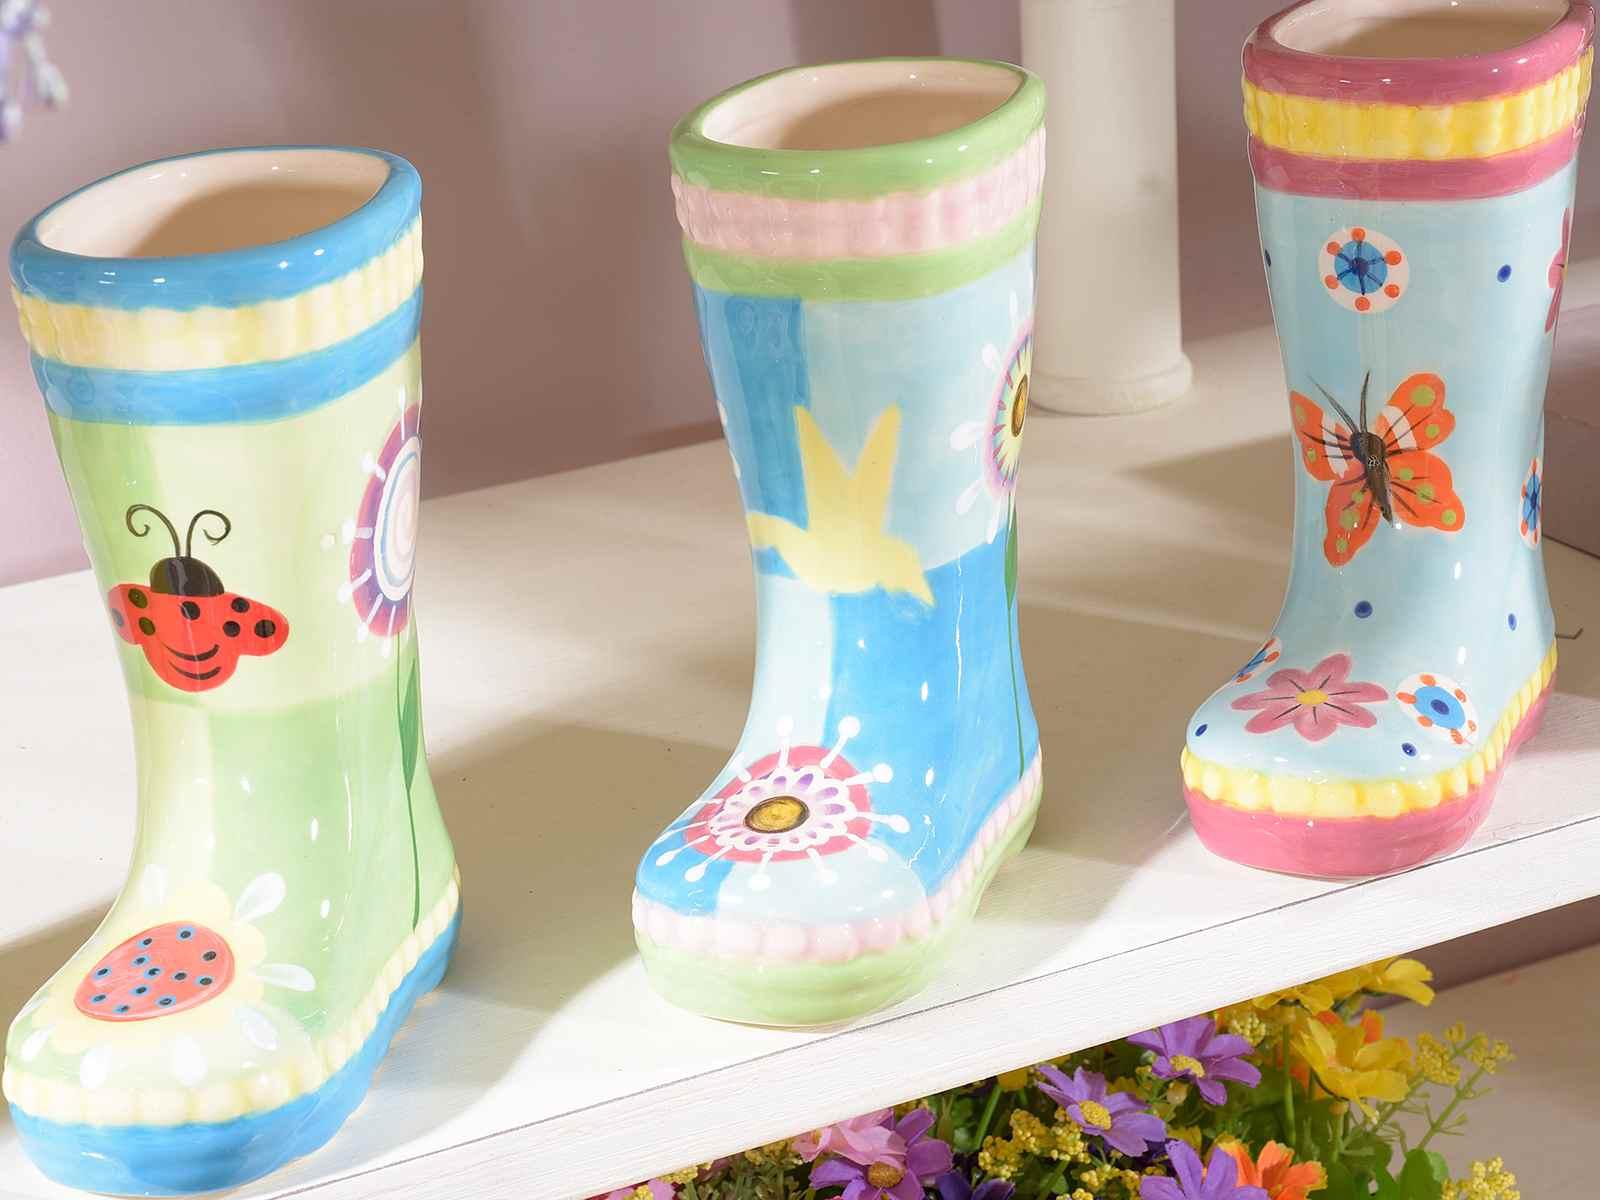 Vaso In Ceramica Colorata A Forma Di Stivaletto 71 34 57